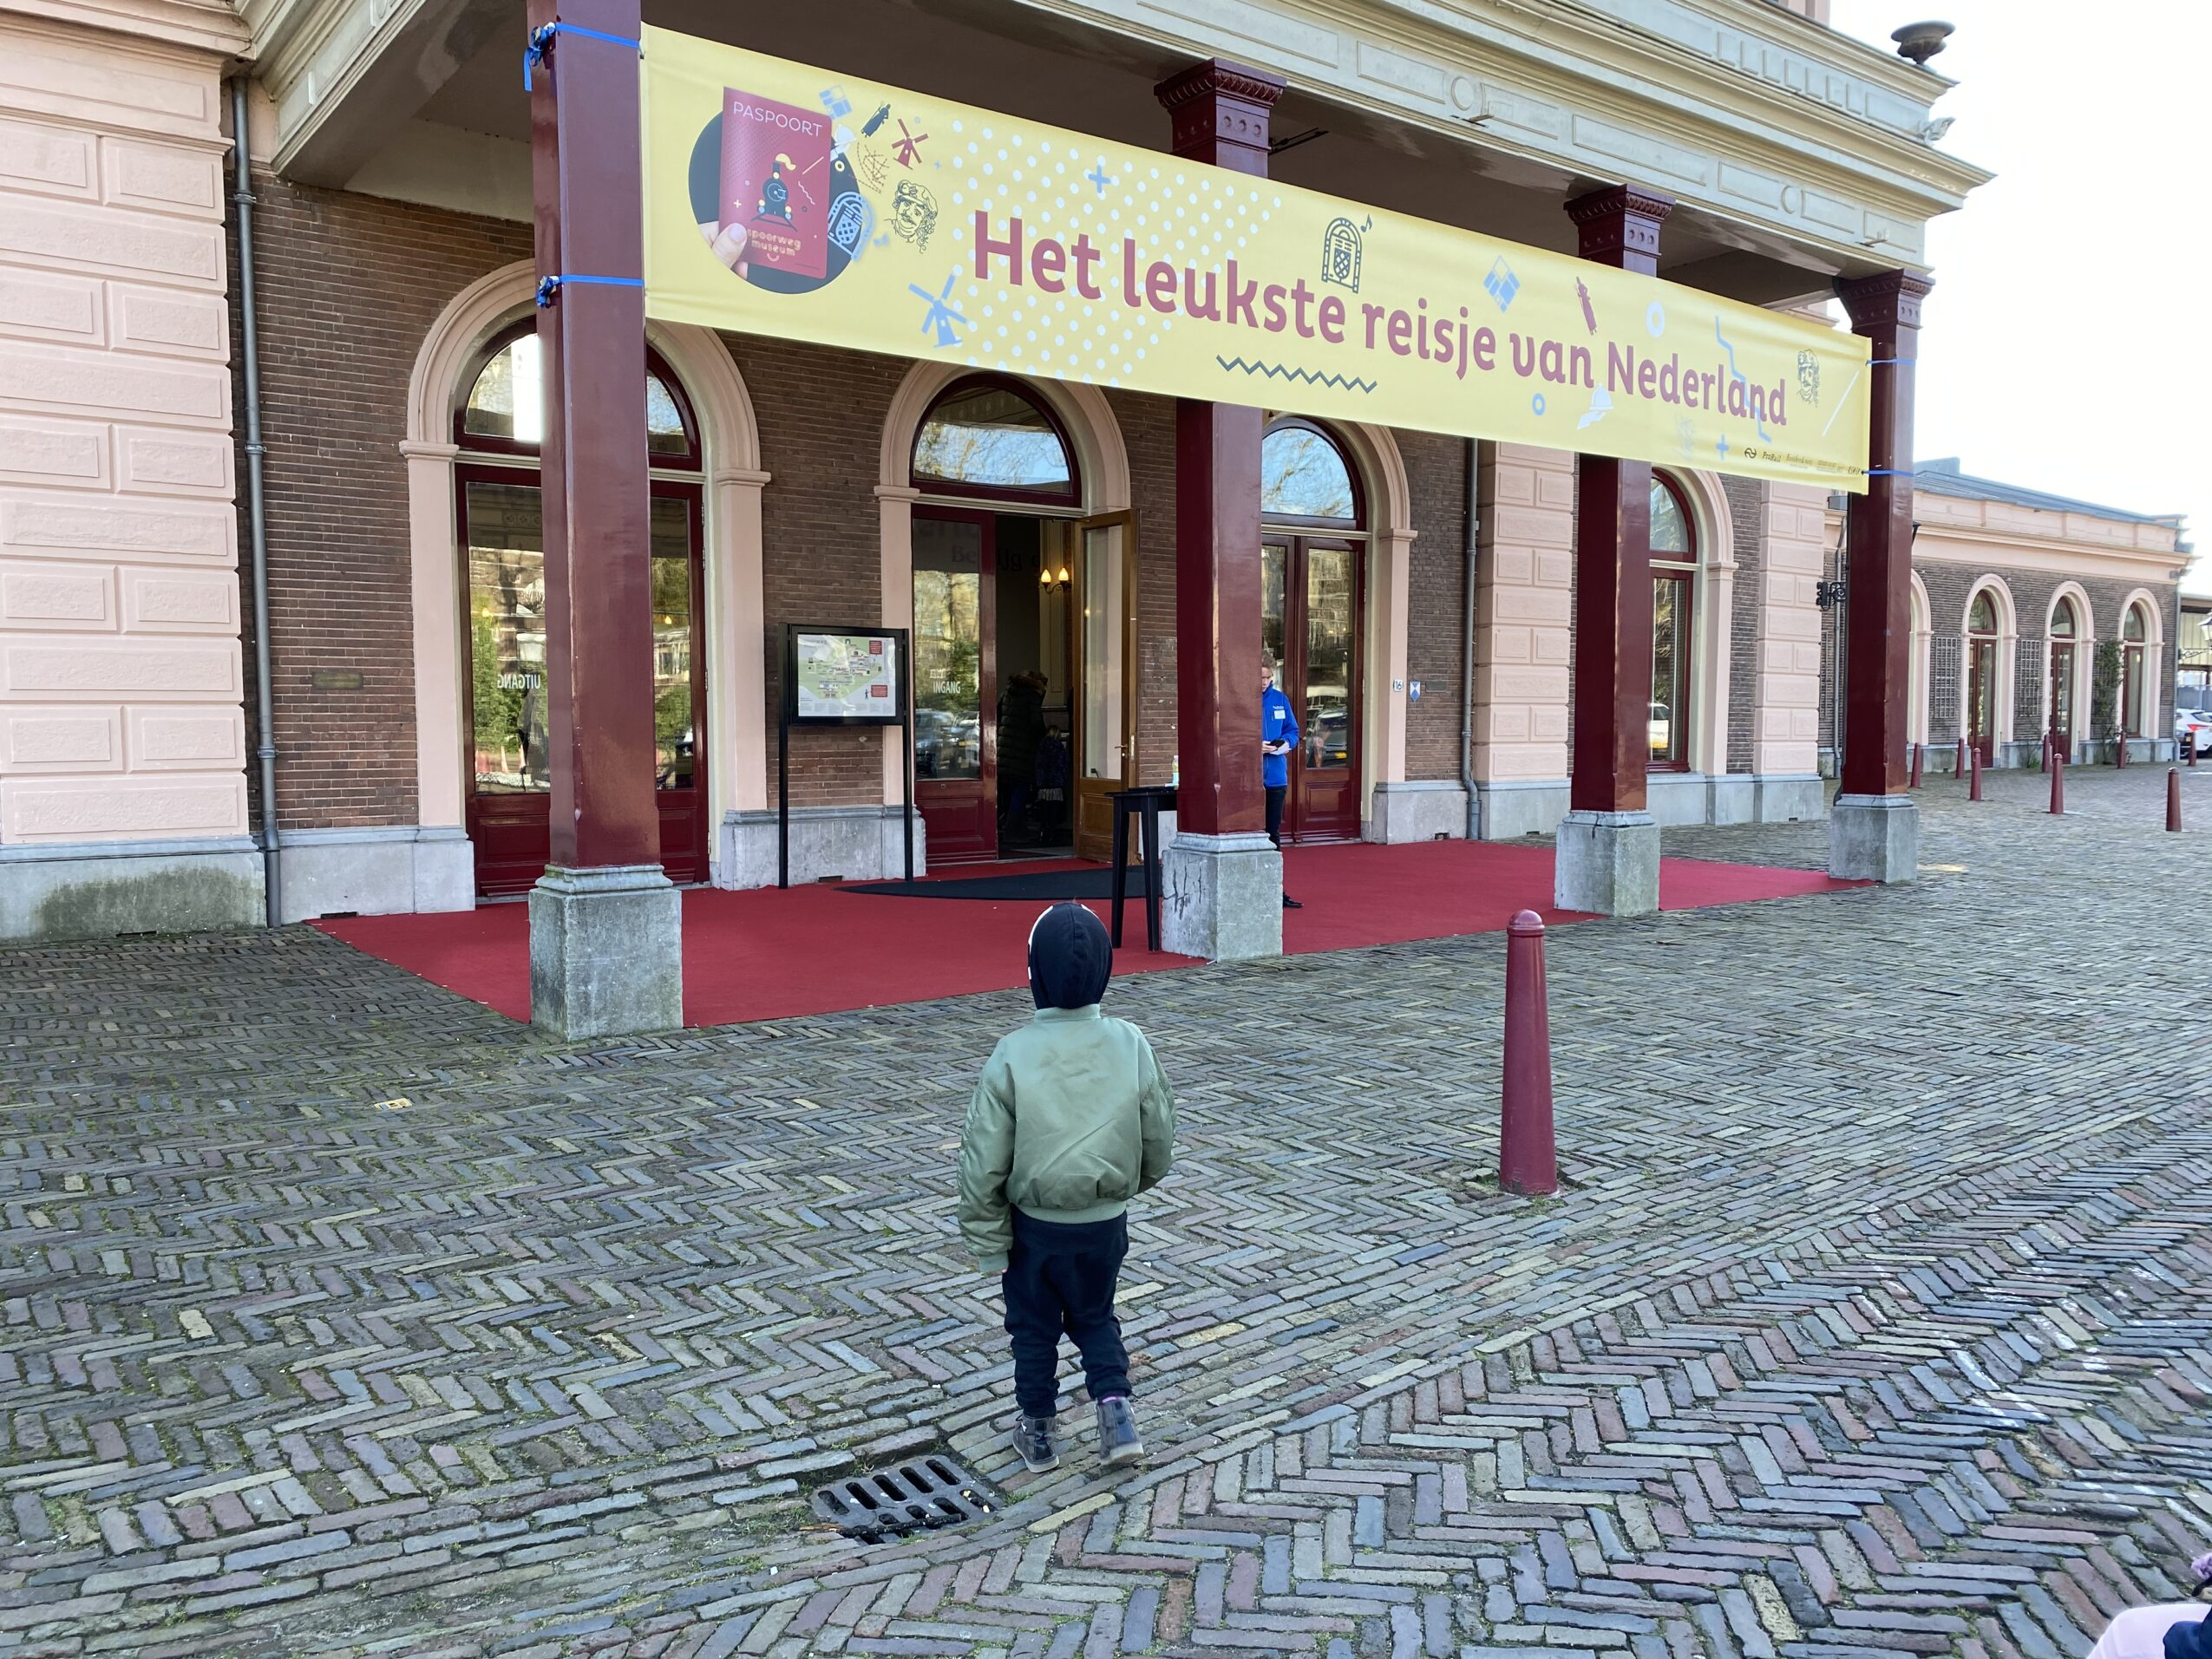 Het leukste reisje van Nederland